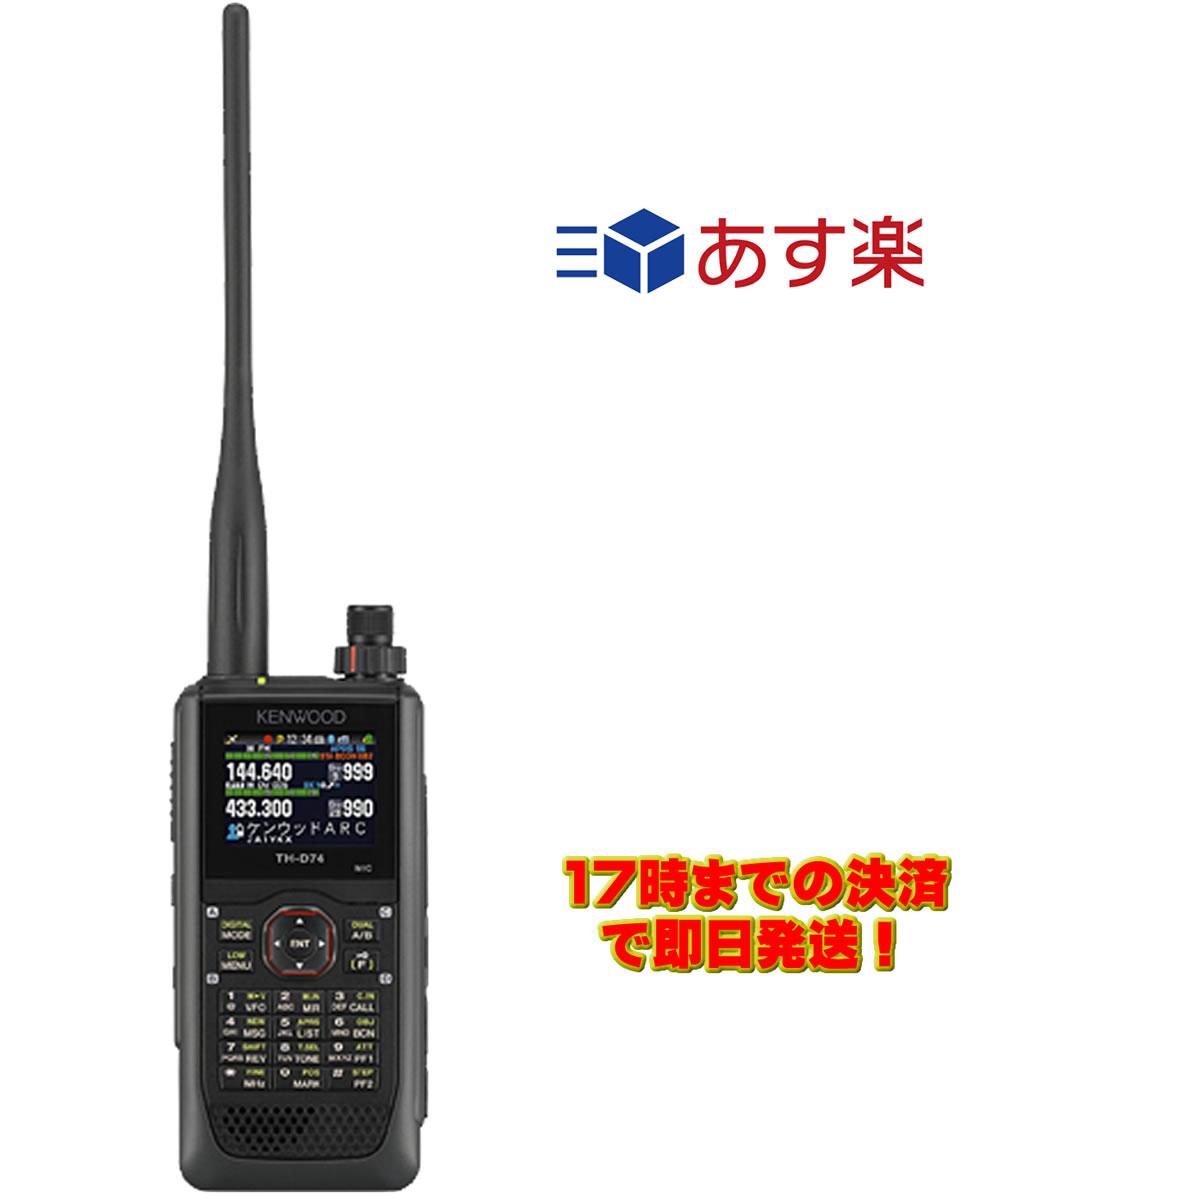 TH-D74 ケンウッド 144/430MHz デュアルバンダー